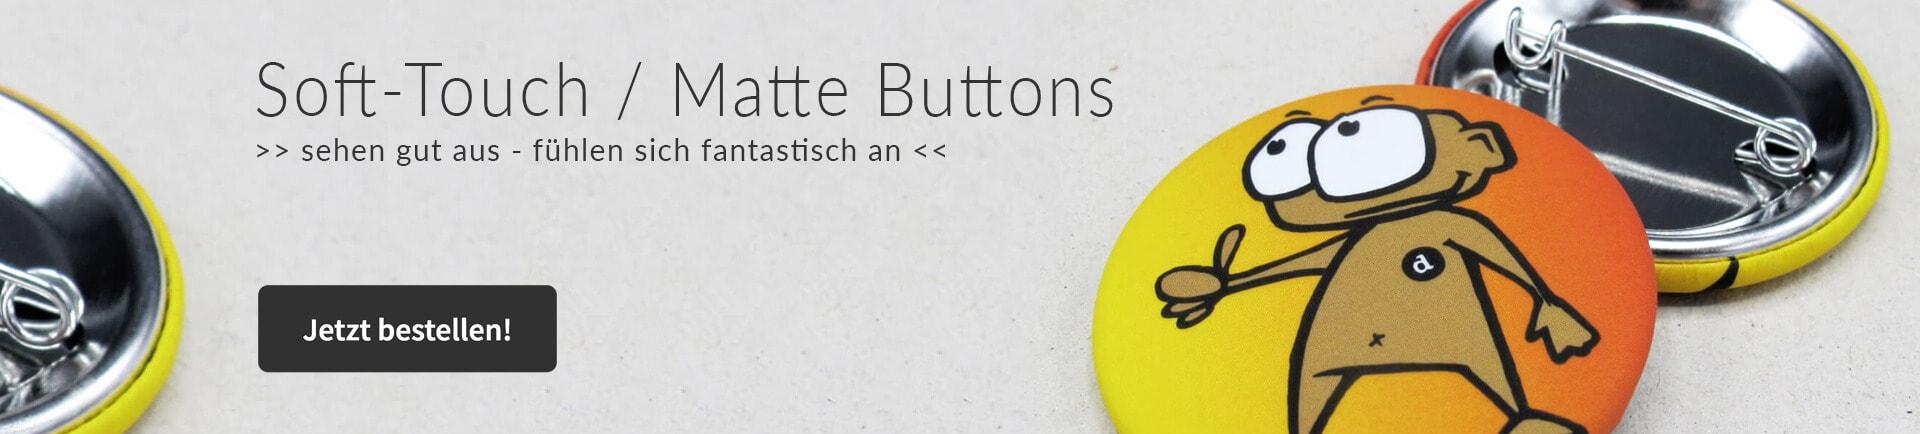 Matte Soft-Touch Buttons